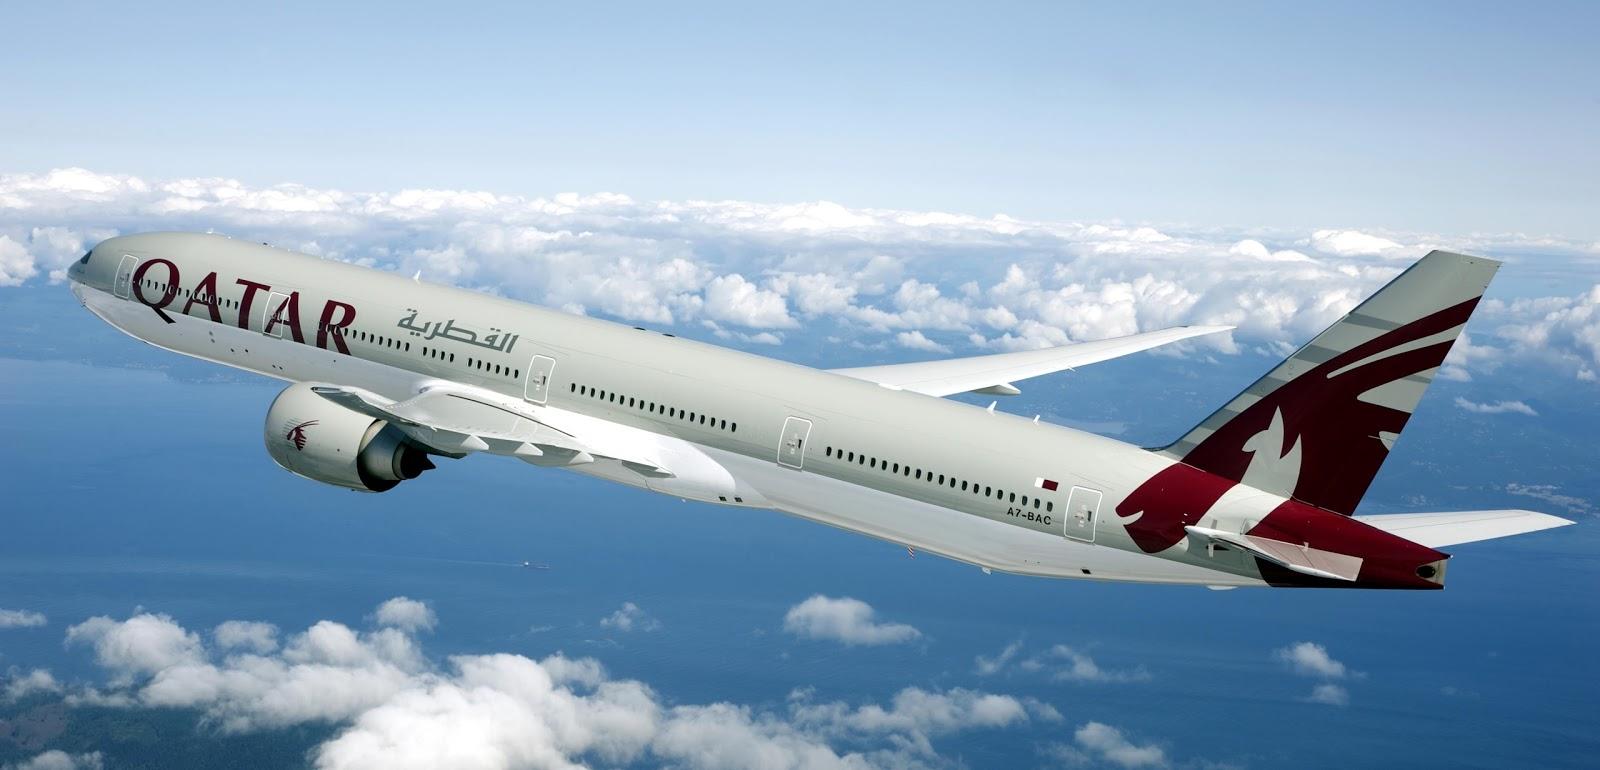 http://3.bp.blogspot.com/-t_c3p6Ojqro/T-MbHTg5oJI/AAAAAAAAJz8/PopsBWfIb48/s1600/boeing_777-300_qatar_airways.jpg